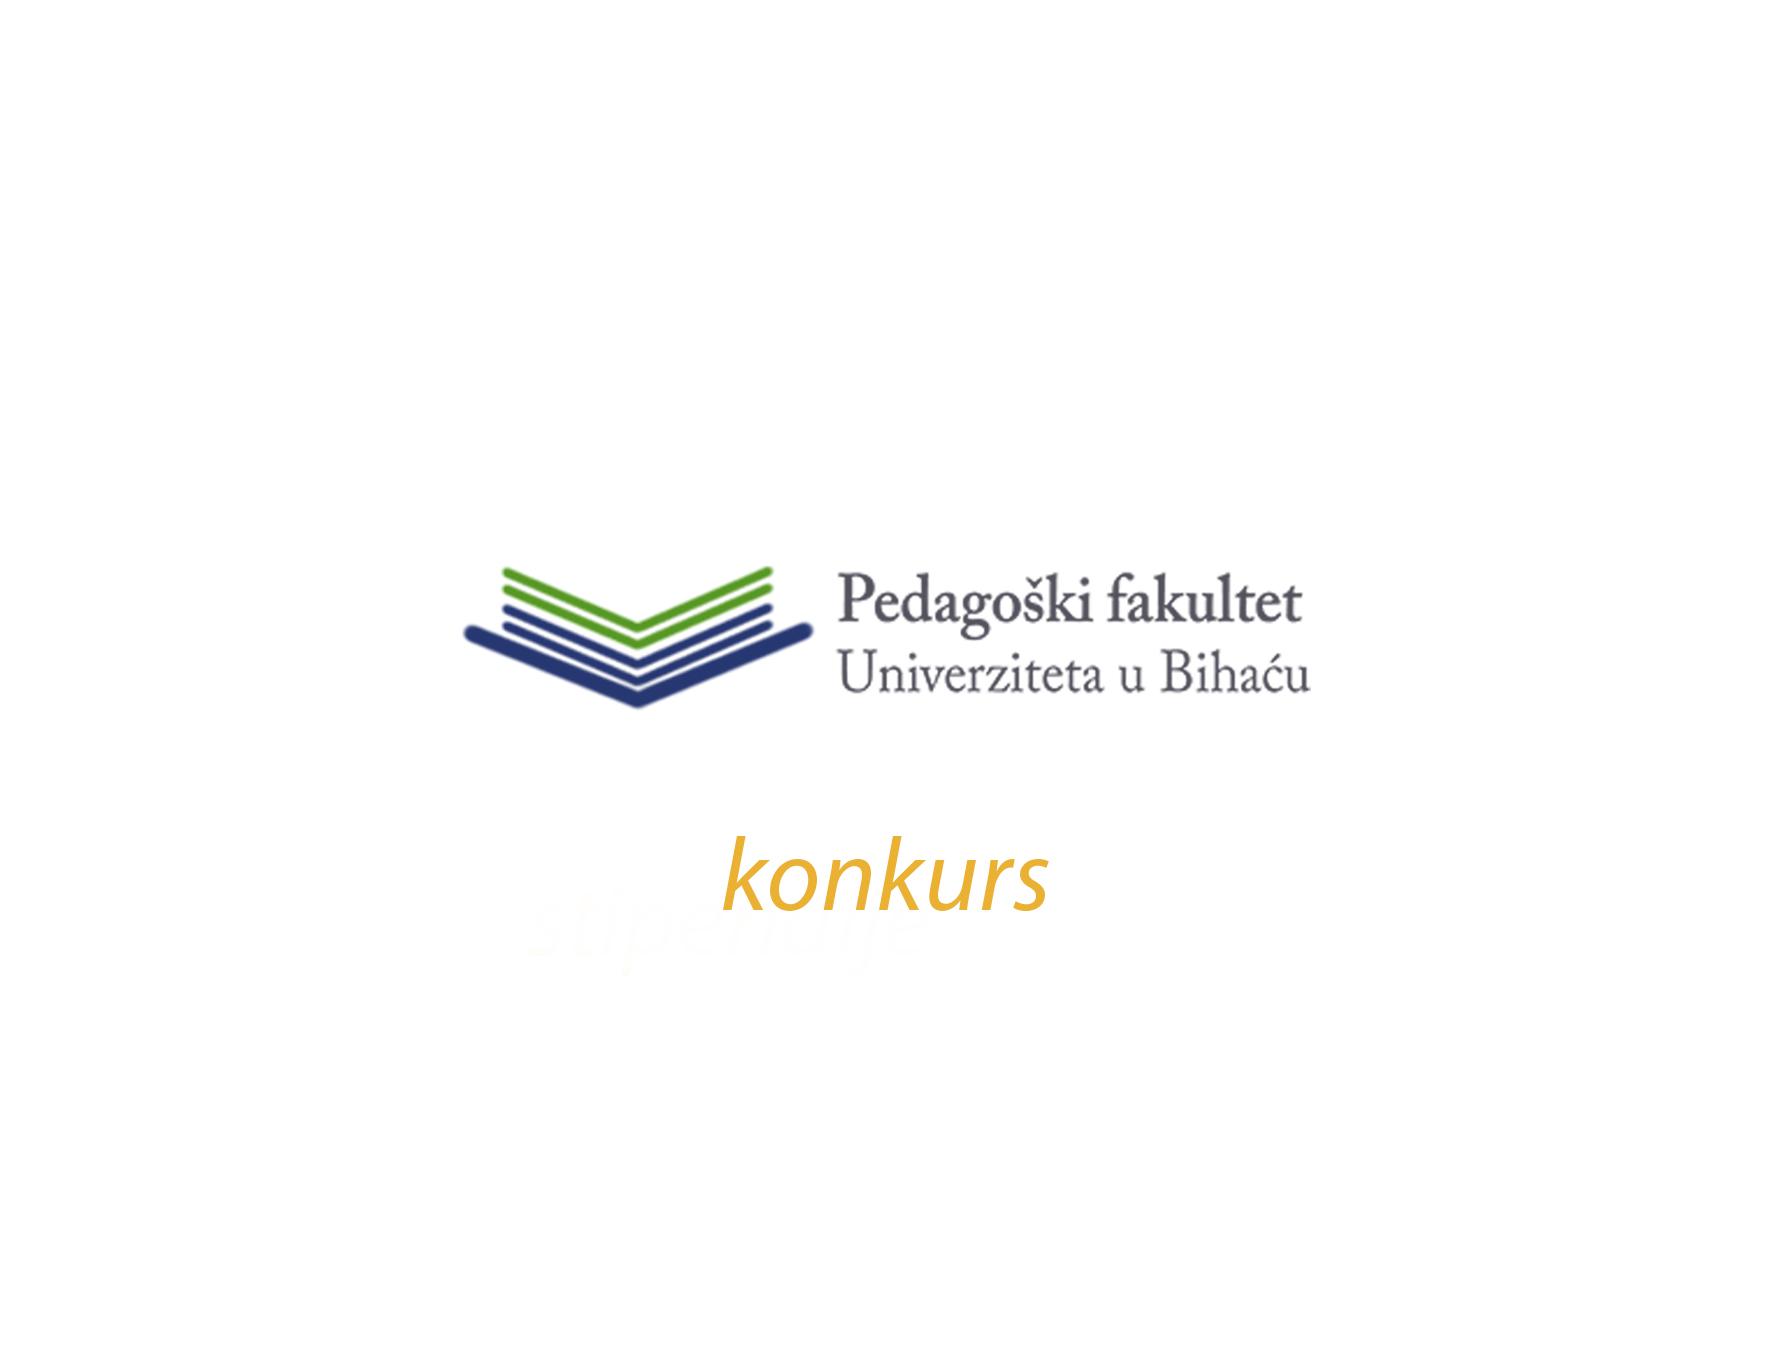 Konkursi Pedagoškog fakulteta Univerziteta u Bihaću